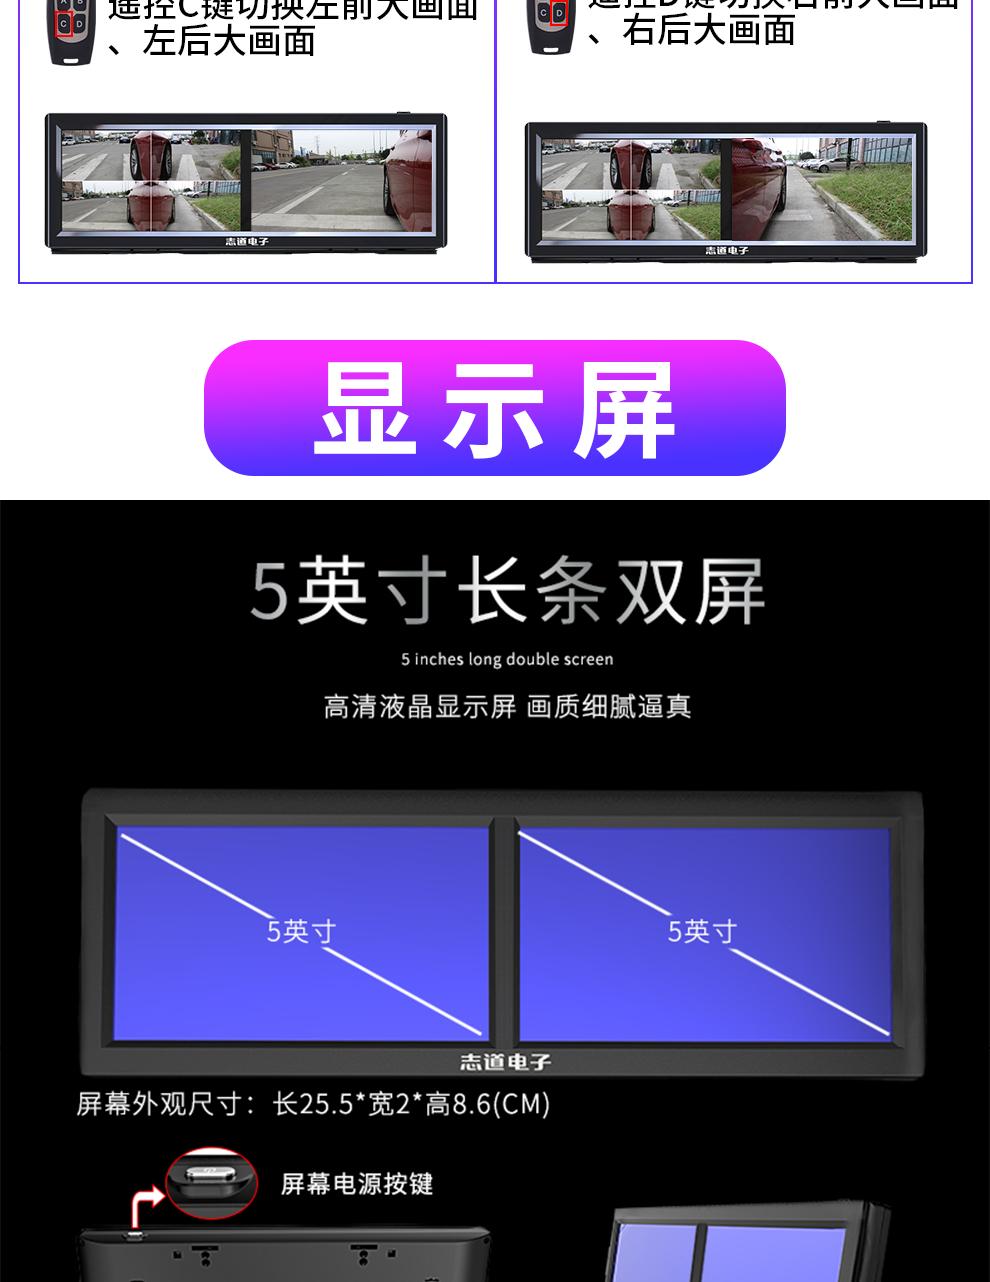 M7-新詳情頁_12